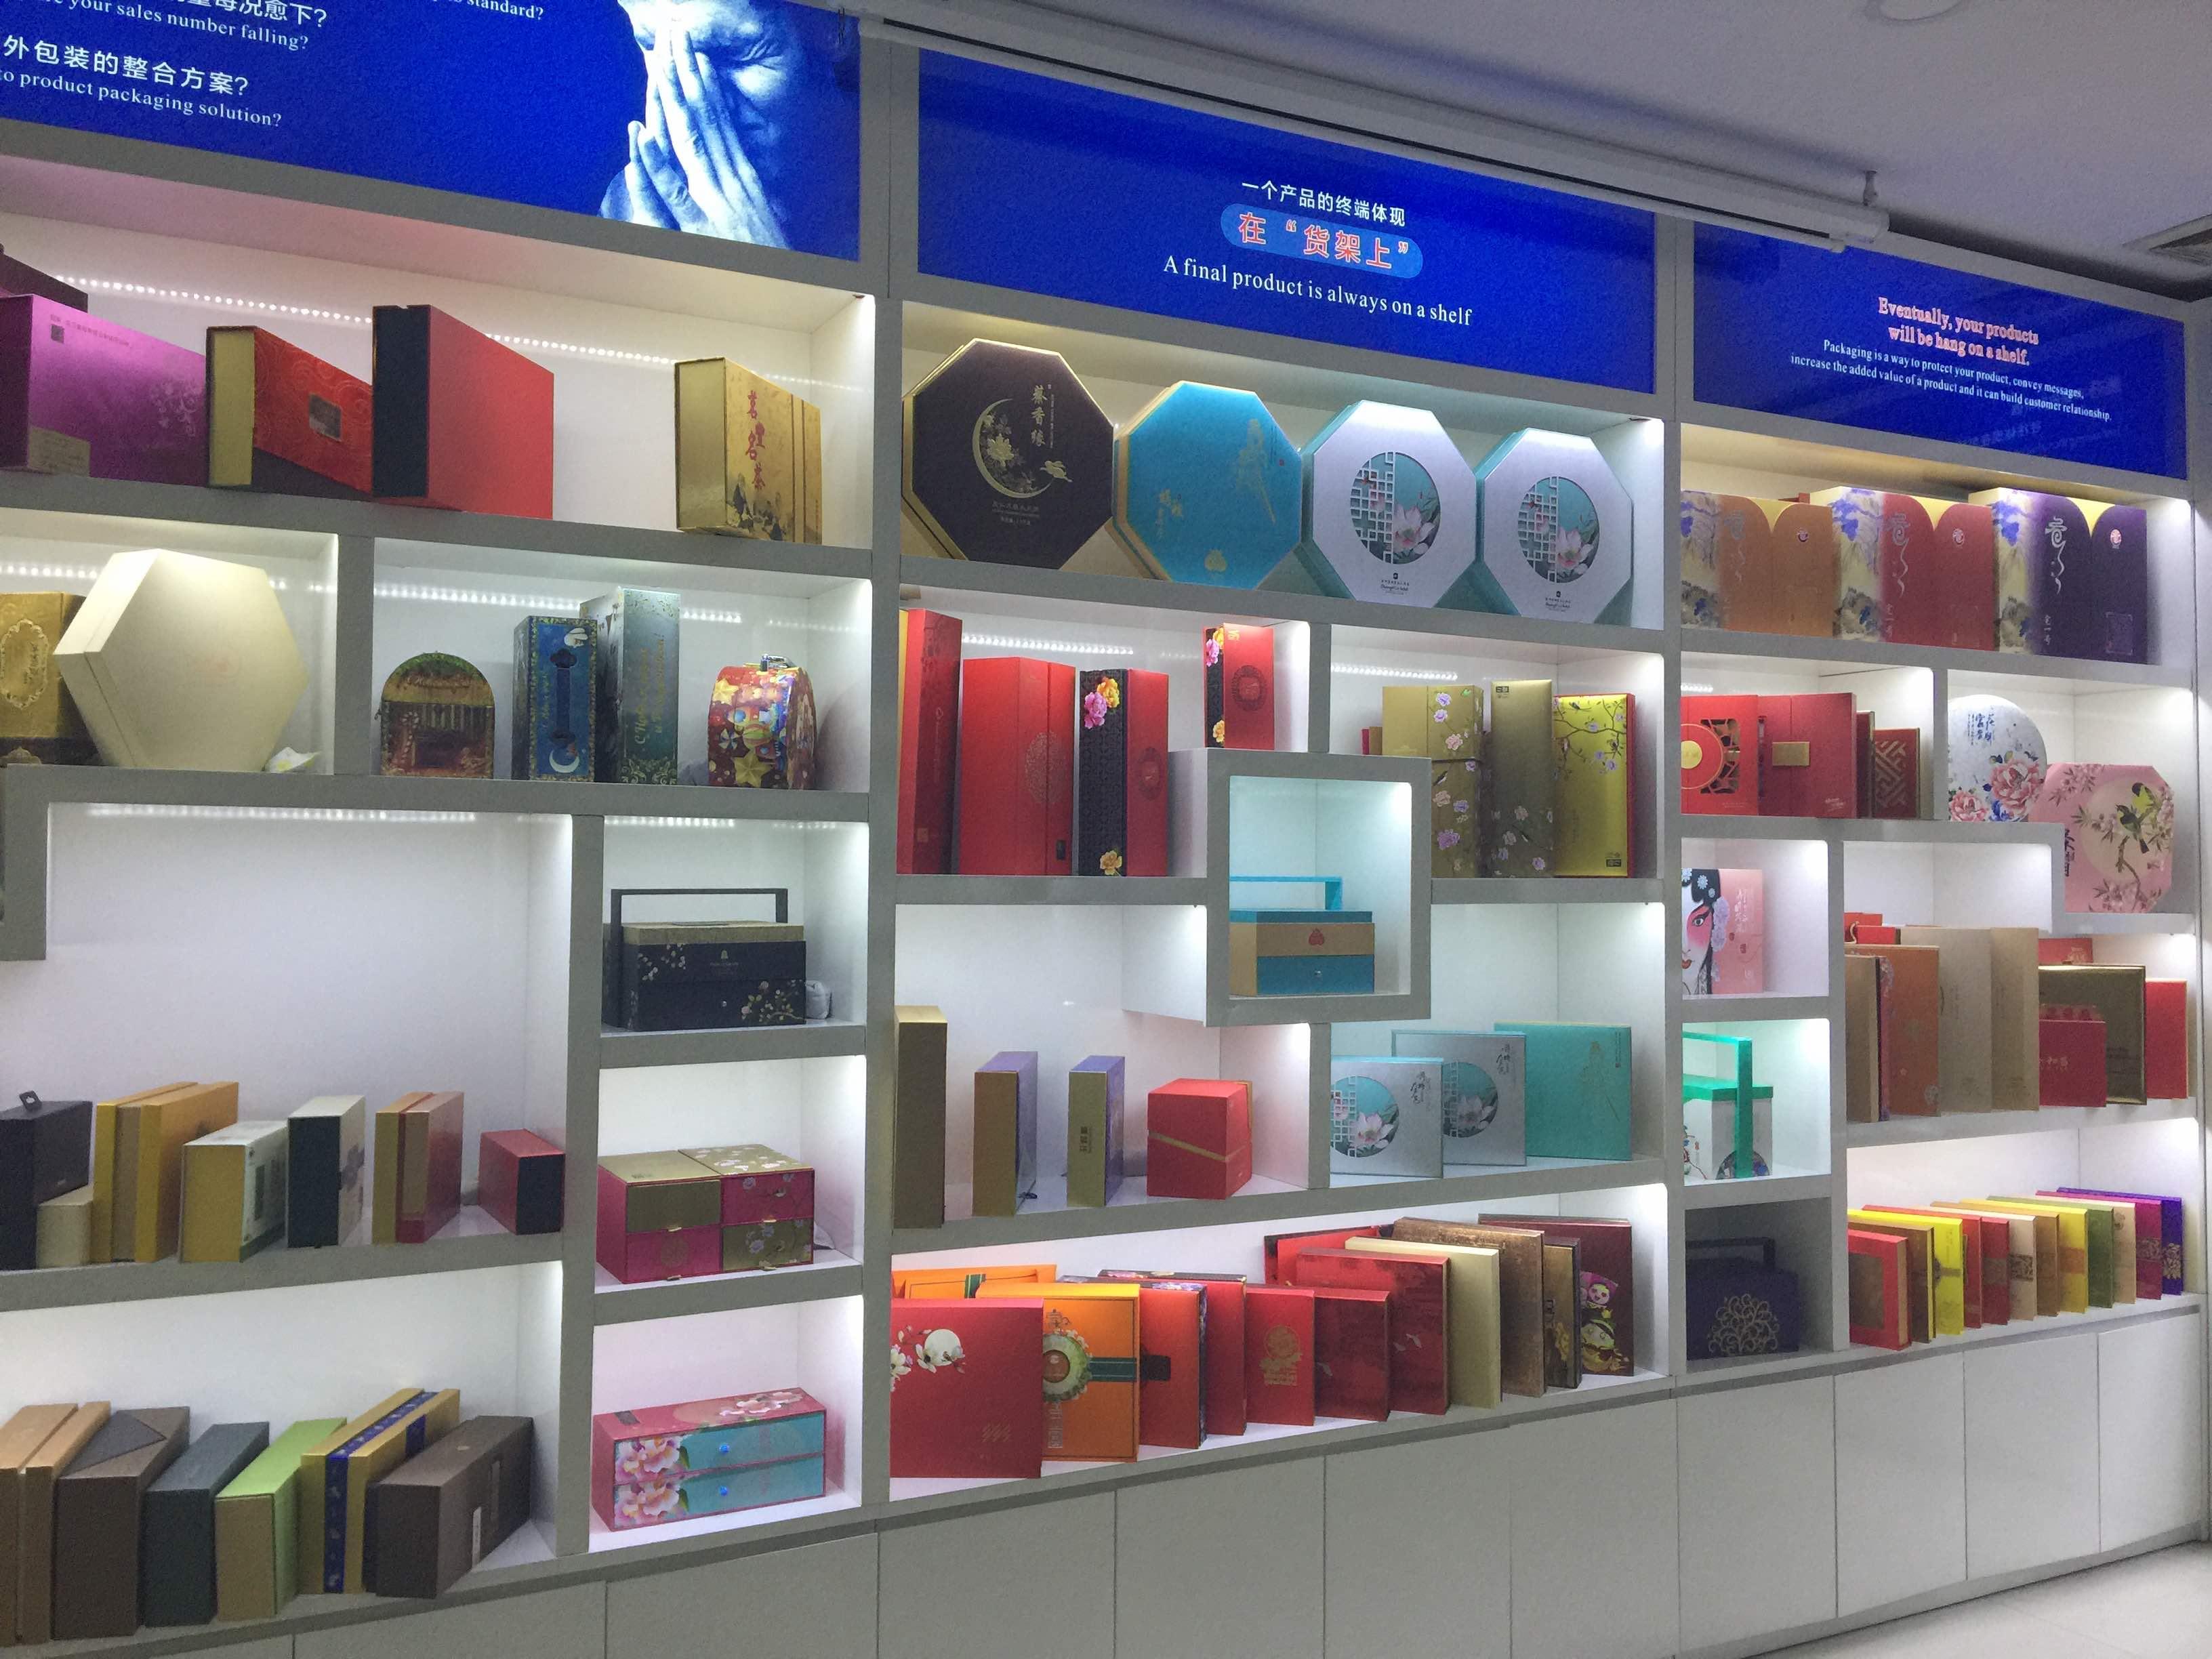 彩盒印刷厂家设计打样彩盒印刷手工一条龙-济南尚邦佳品包装制品有限公司